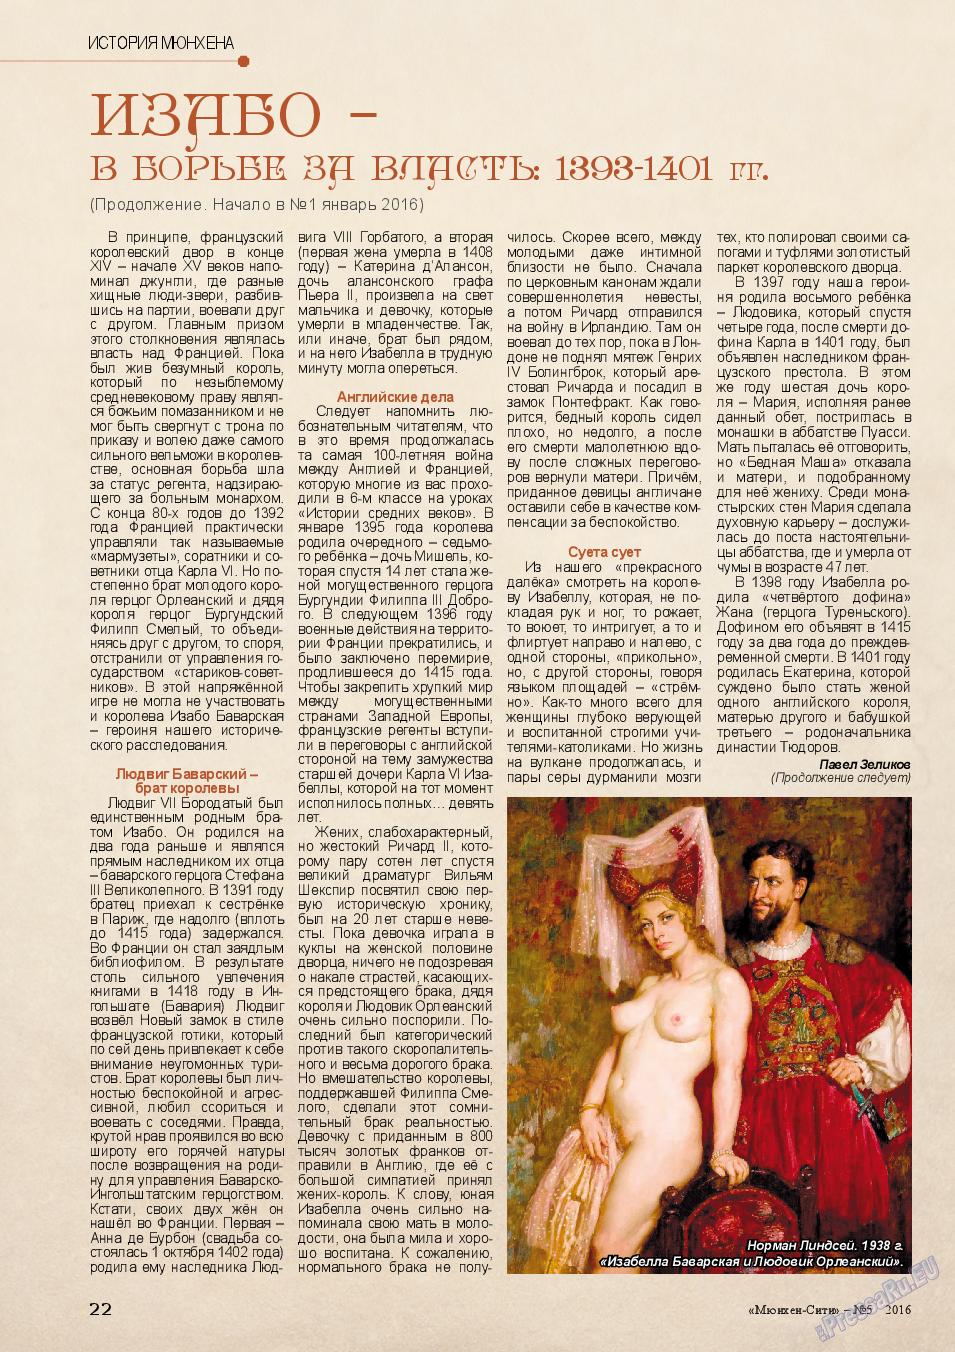 Мюнхен-сити (журнал). 2016 год, номер 5, стр. 22